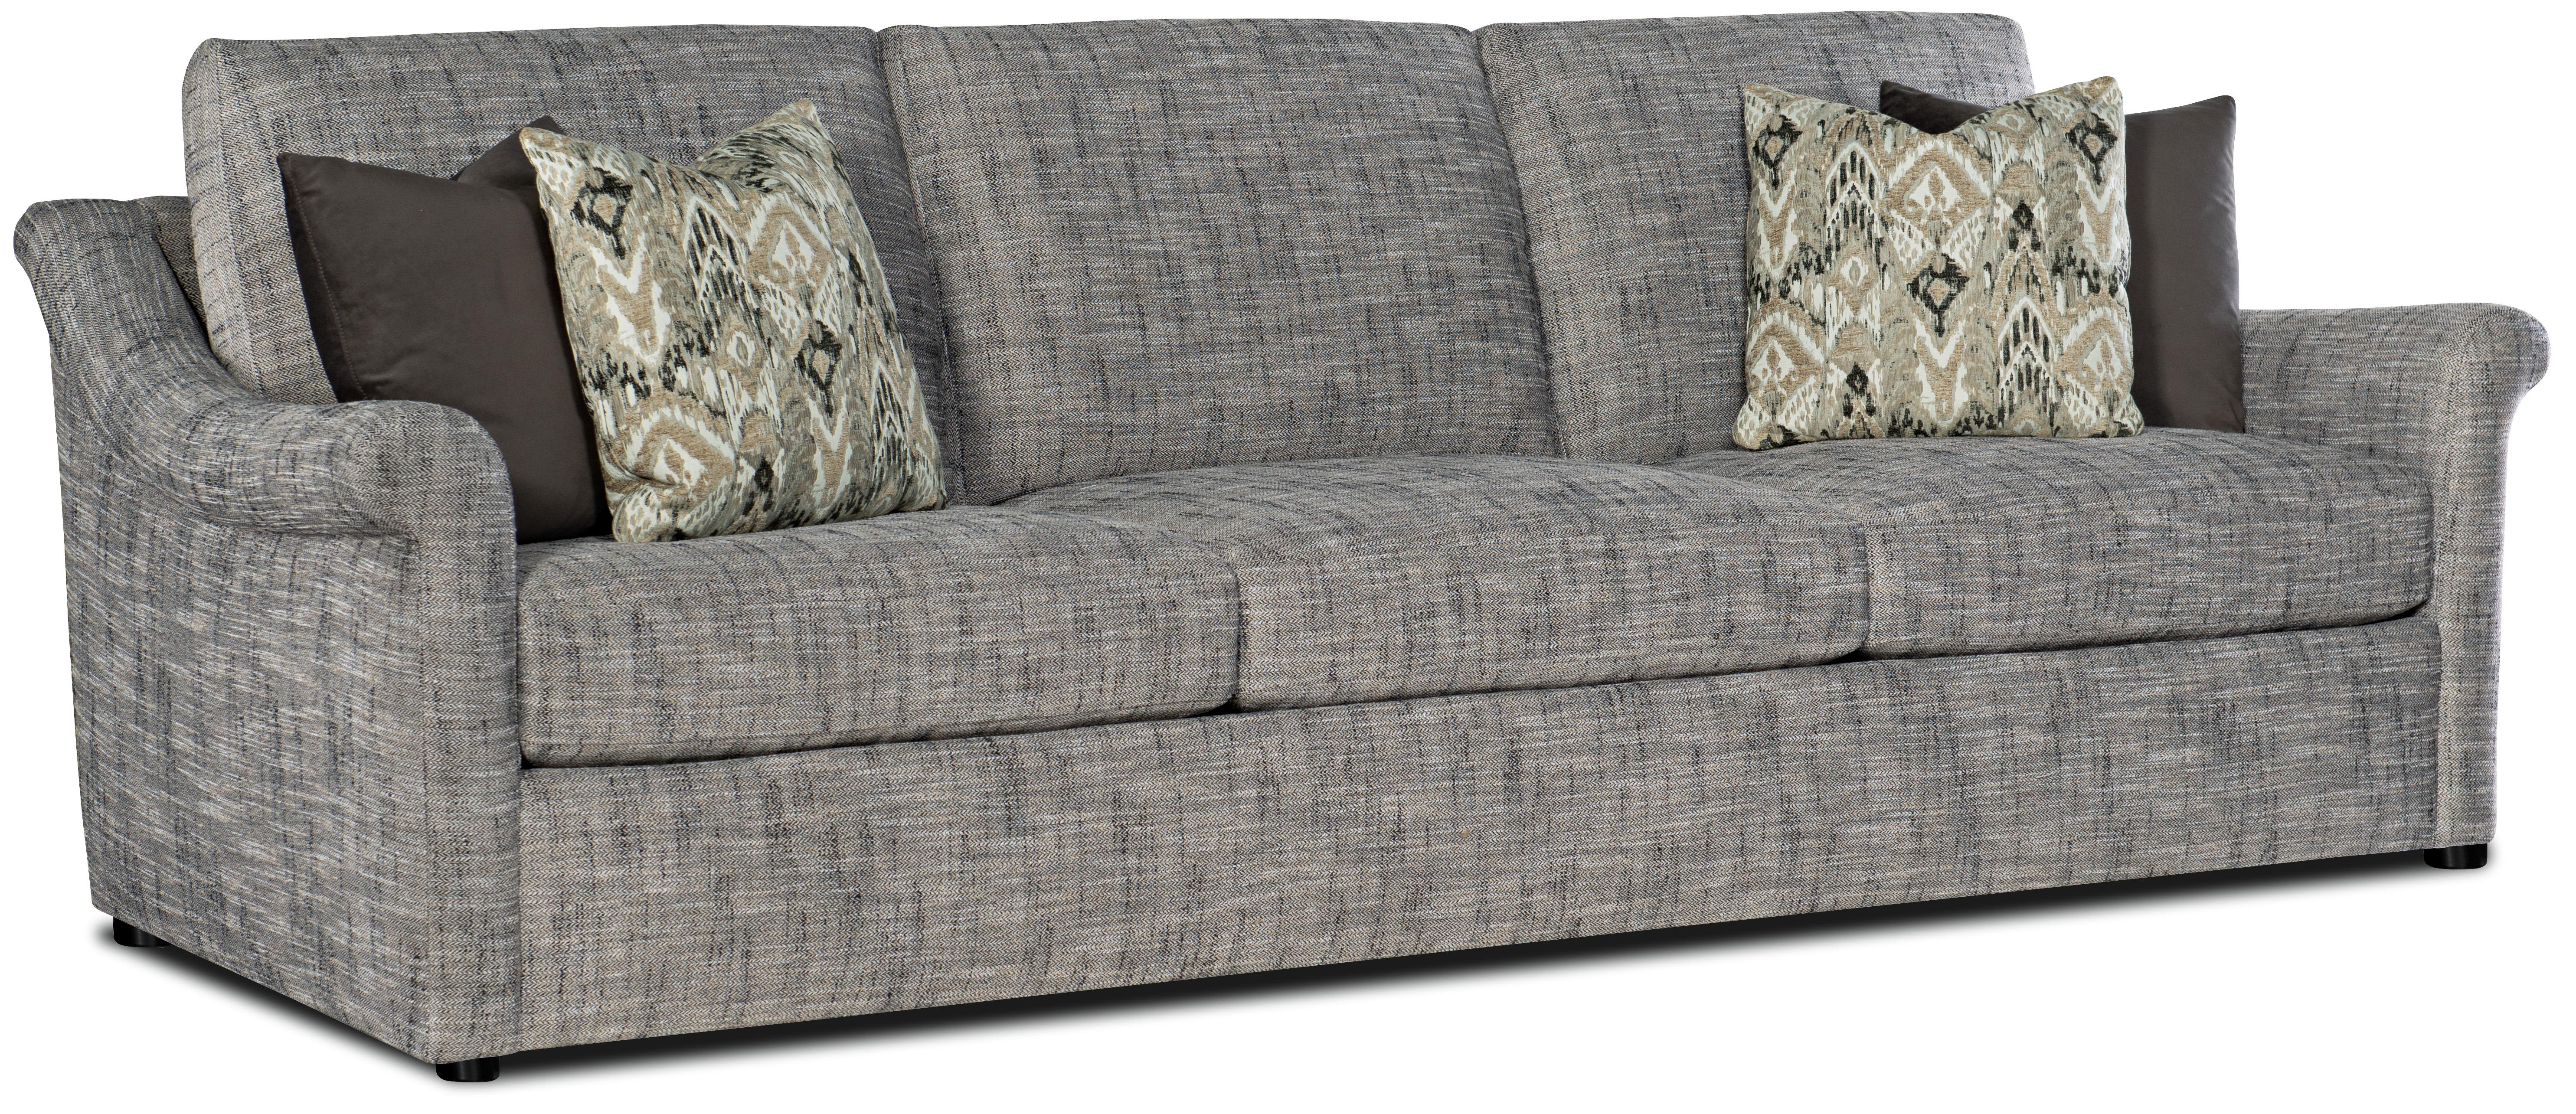 Grand 99 Inch Sofa